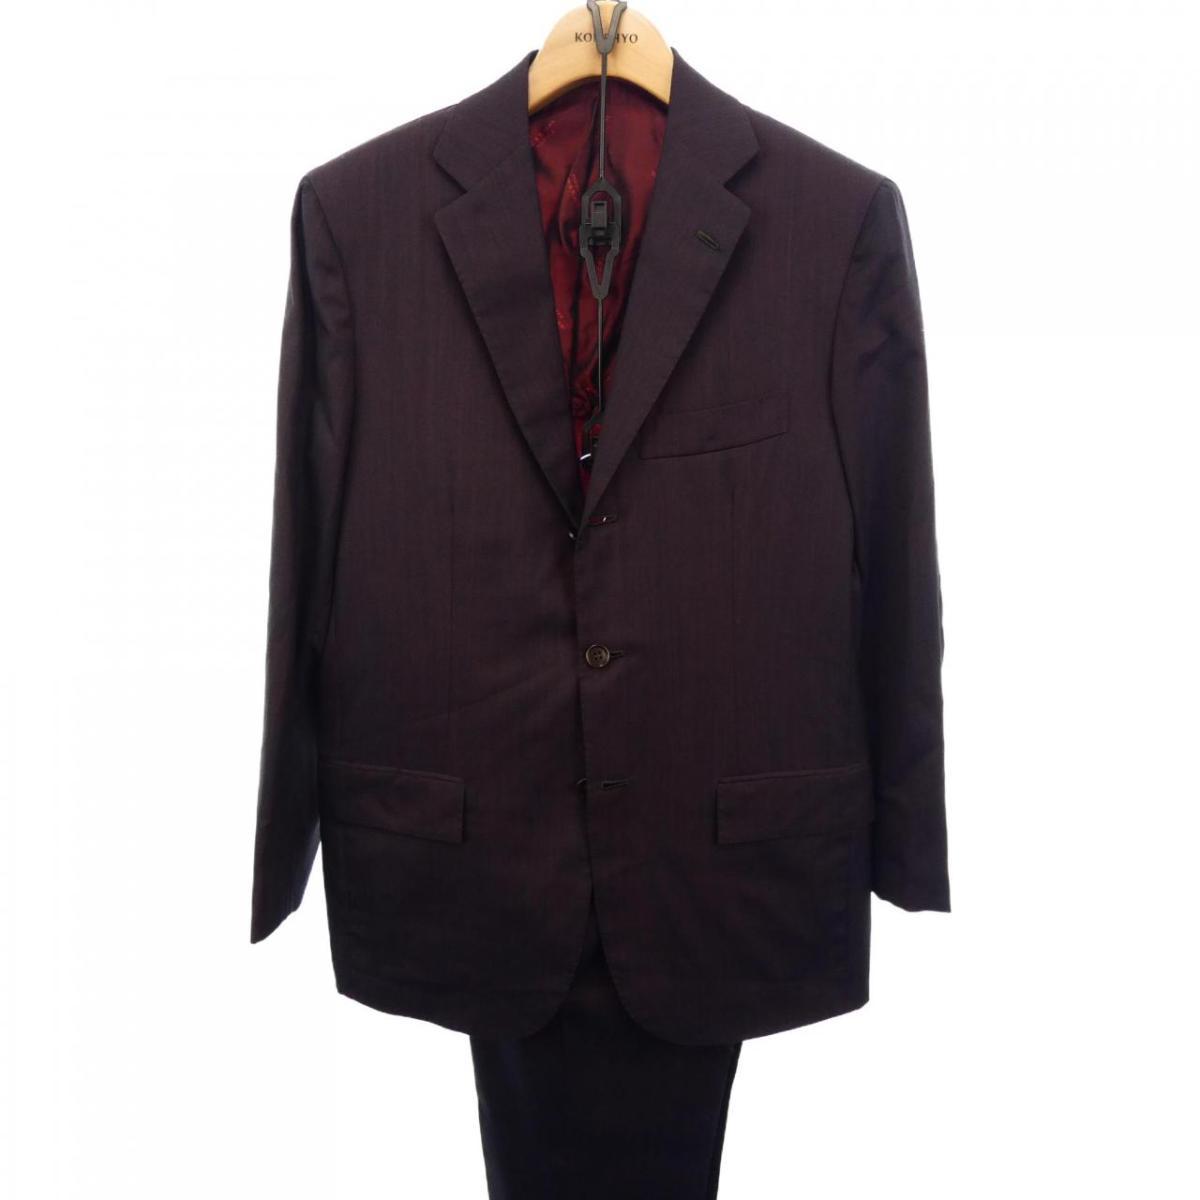 キートン KITON スーツ【中古】